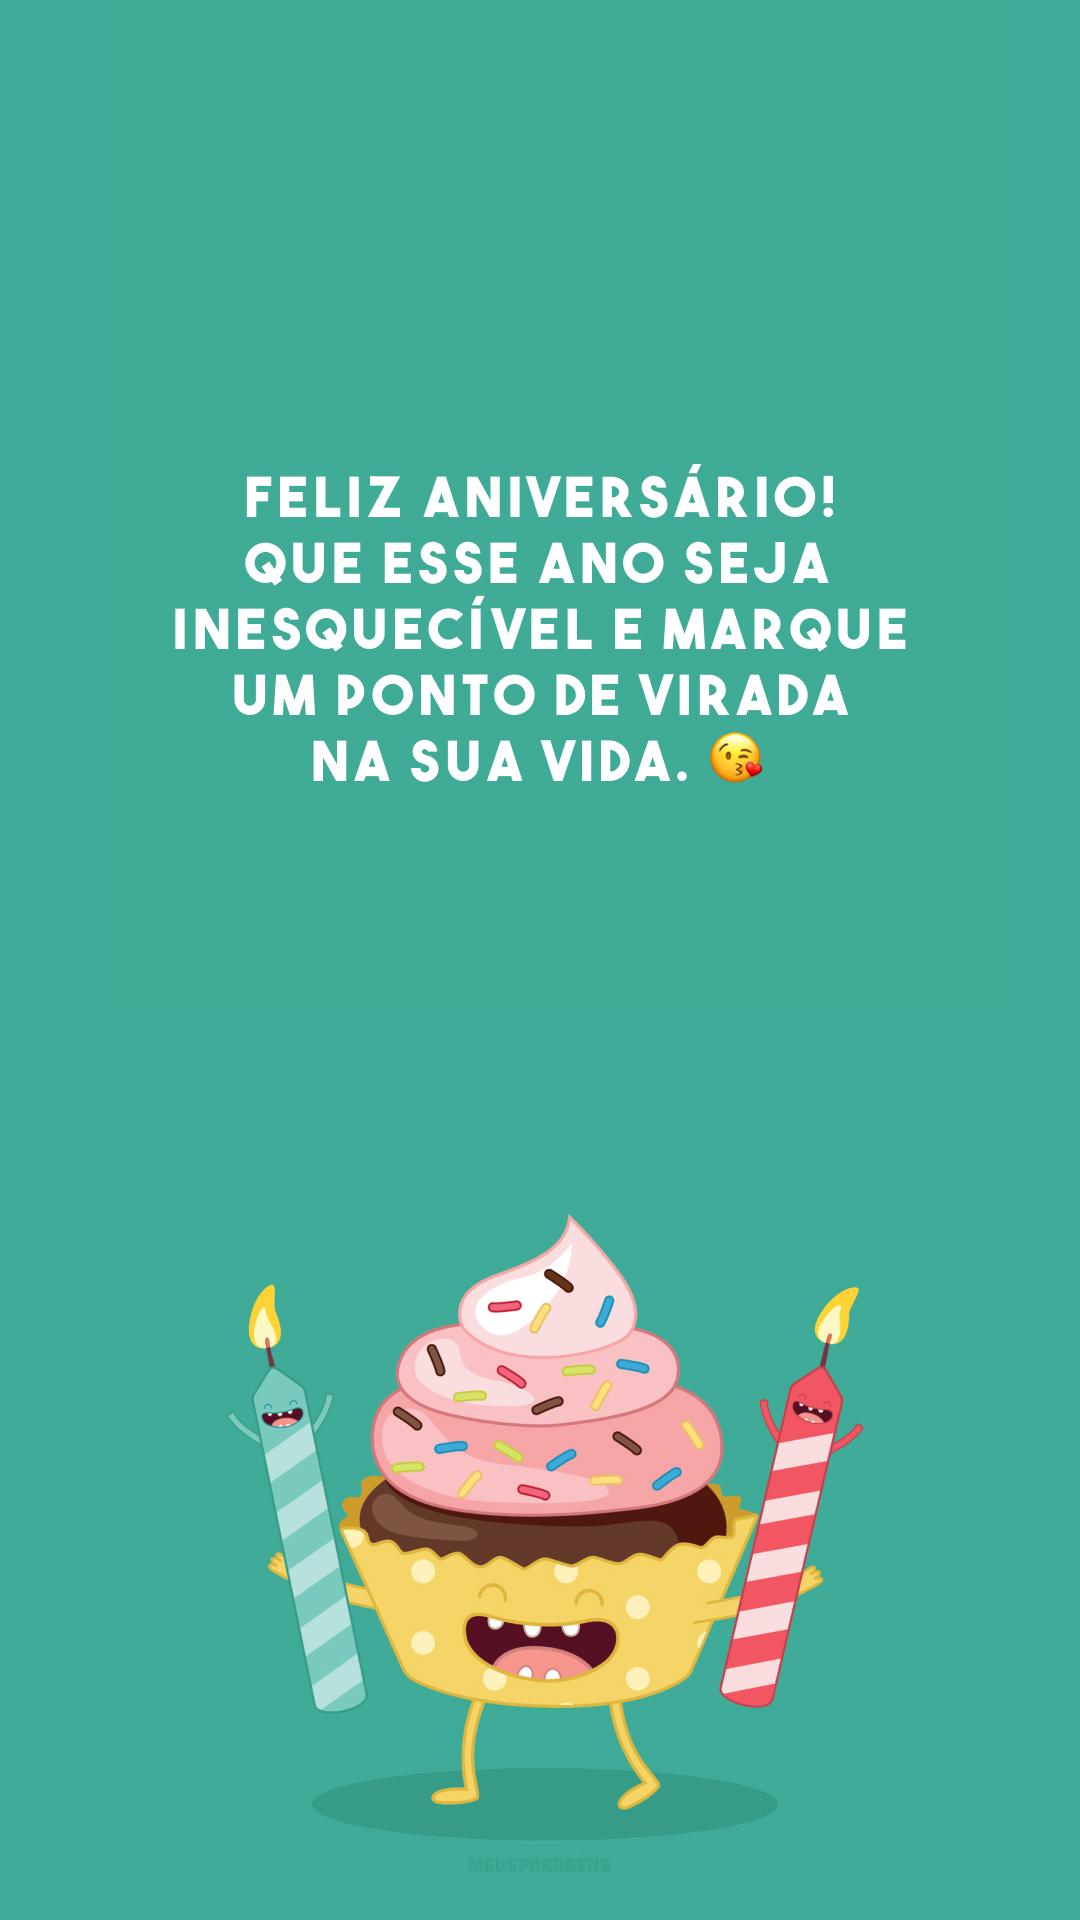 Feliz aniversário! Que esse ano seja inesquecível e marque um ponto de virada na sua vida. 😘